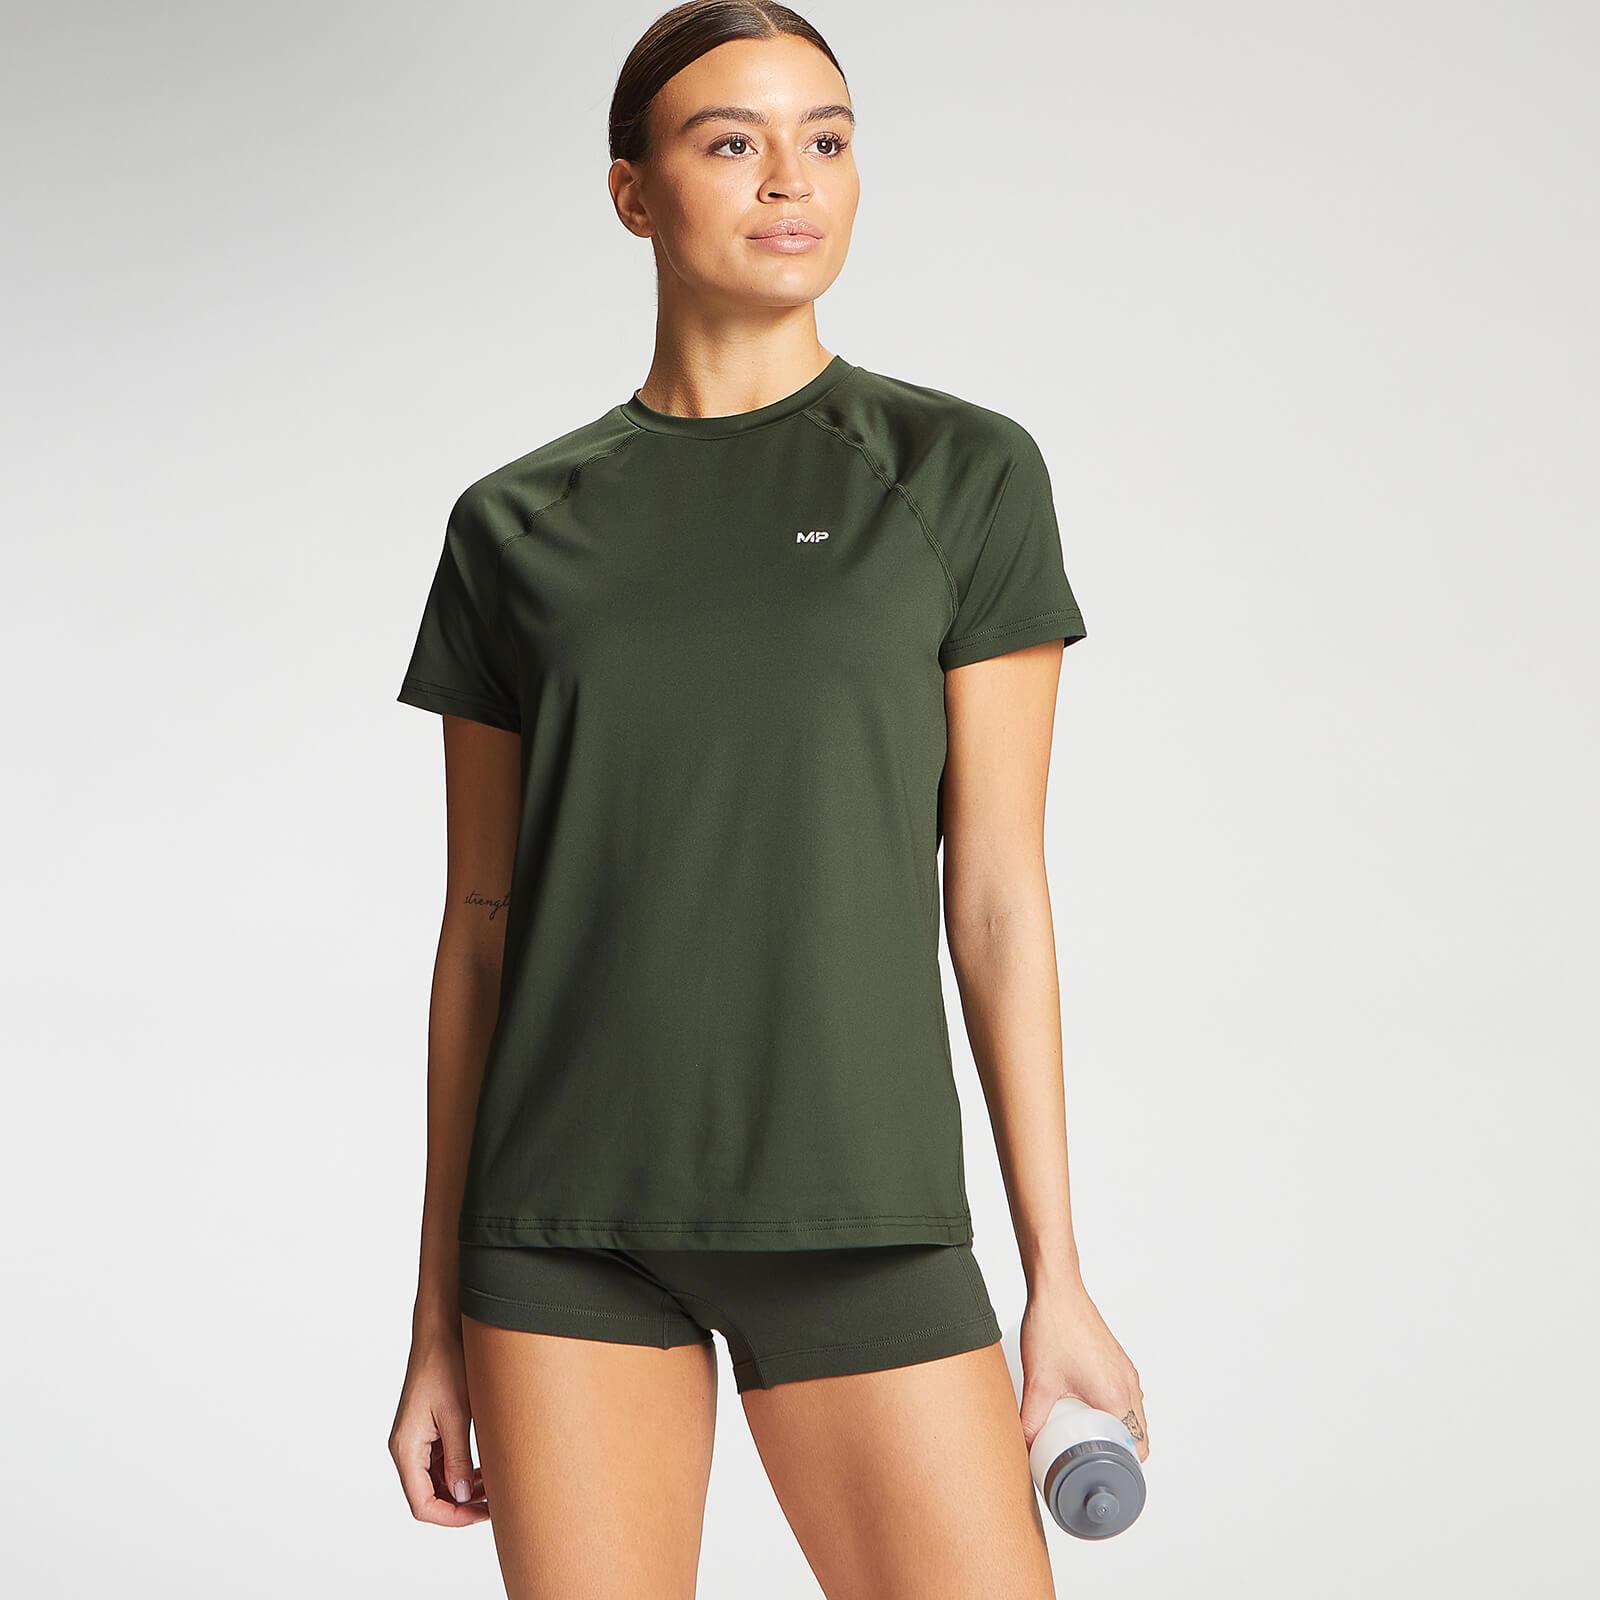 Купить MP Women's Essentials Training T-Shirt - Vine Leaf - XXS, Myprotein International